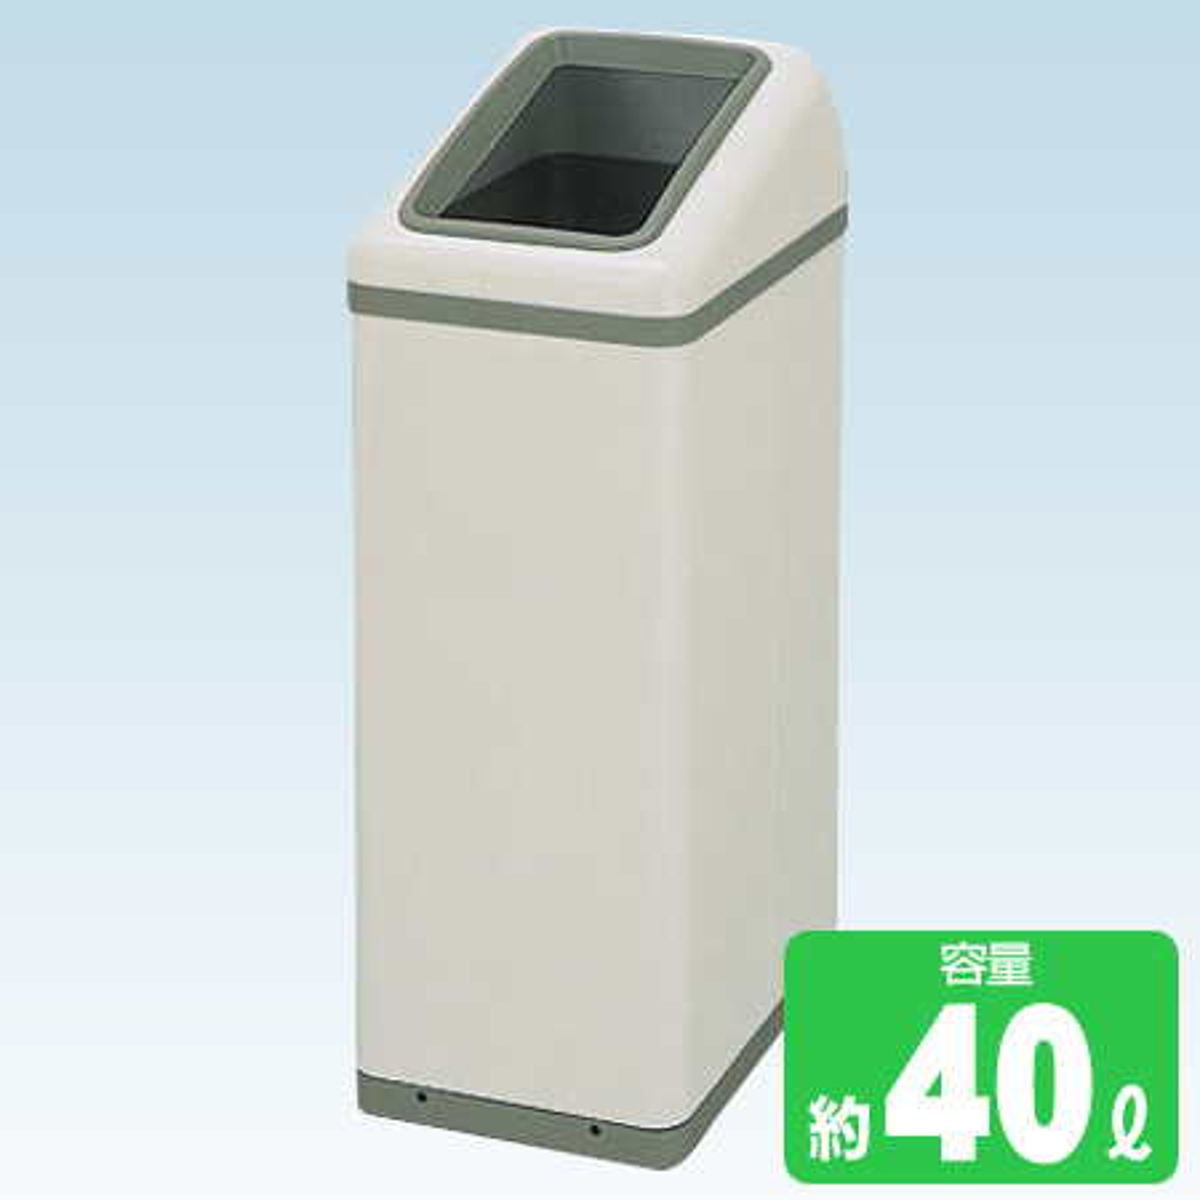 屋内用リサイクルボックス EK-360 L1 (分別ゴミ箱 ヤマザキ ダストボックス 山崎産業 送料無料 ) 【5000円以上送料無料】